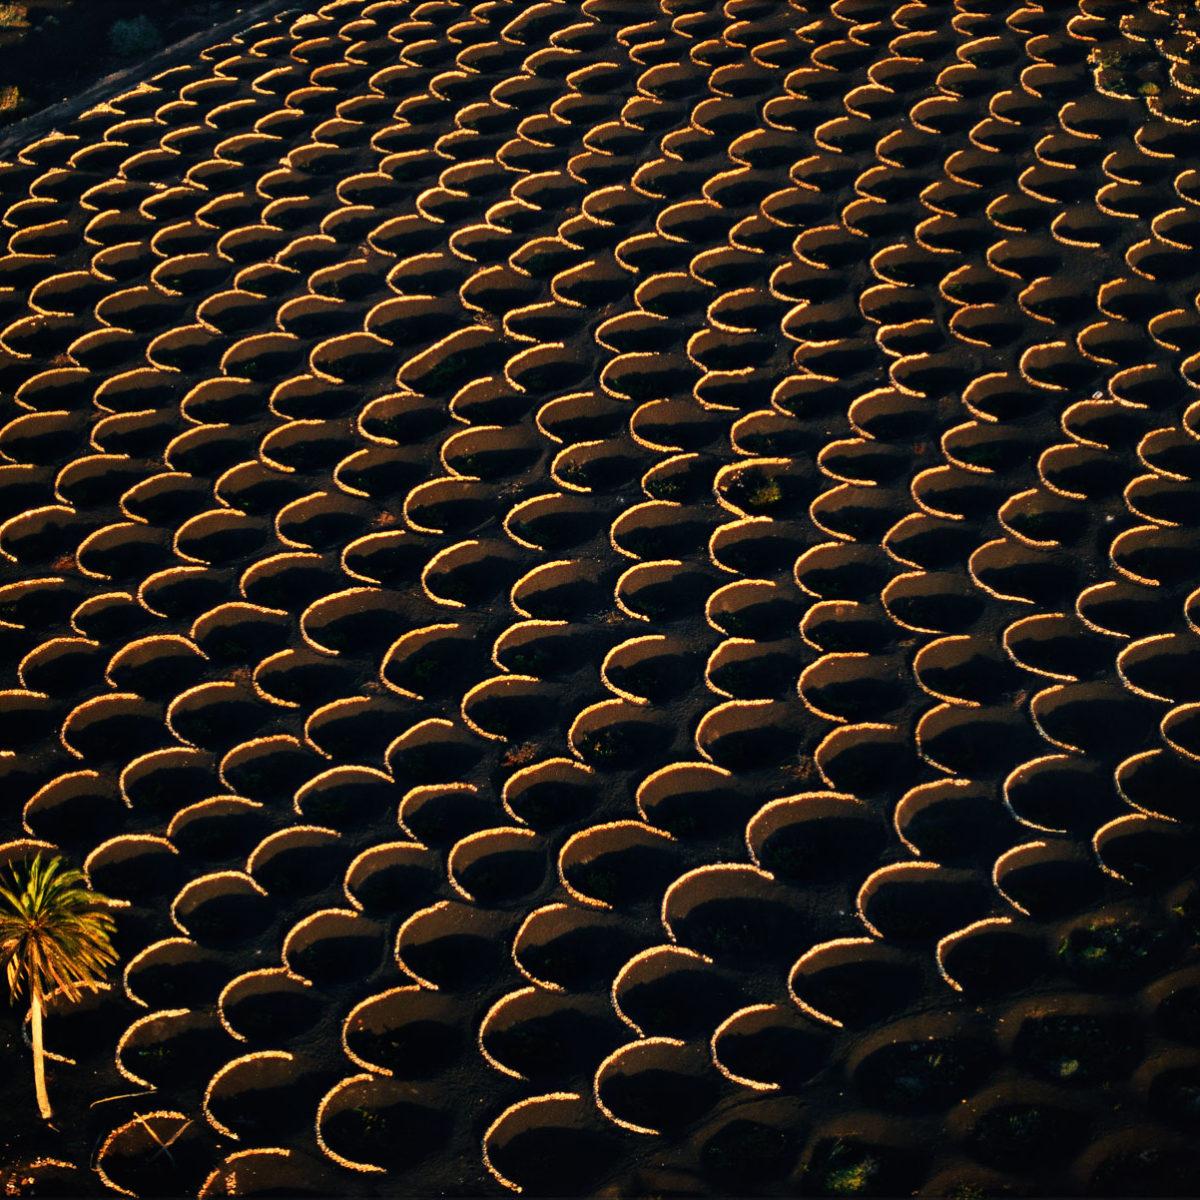 Vineyards, La Geria region, Lanzarote, Canary Islands, Spain (28°58' N – 13°43' W).